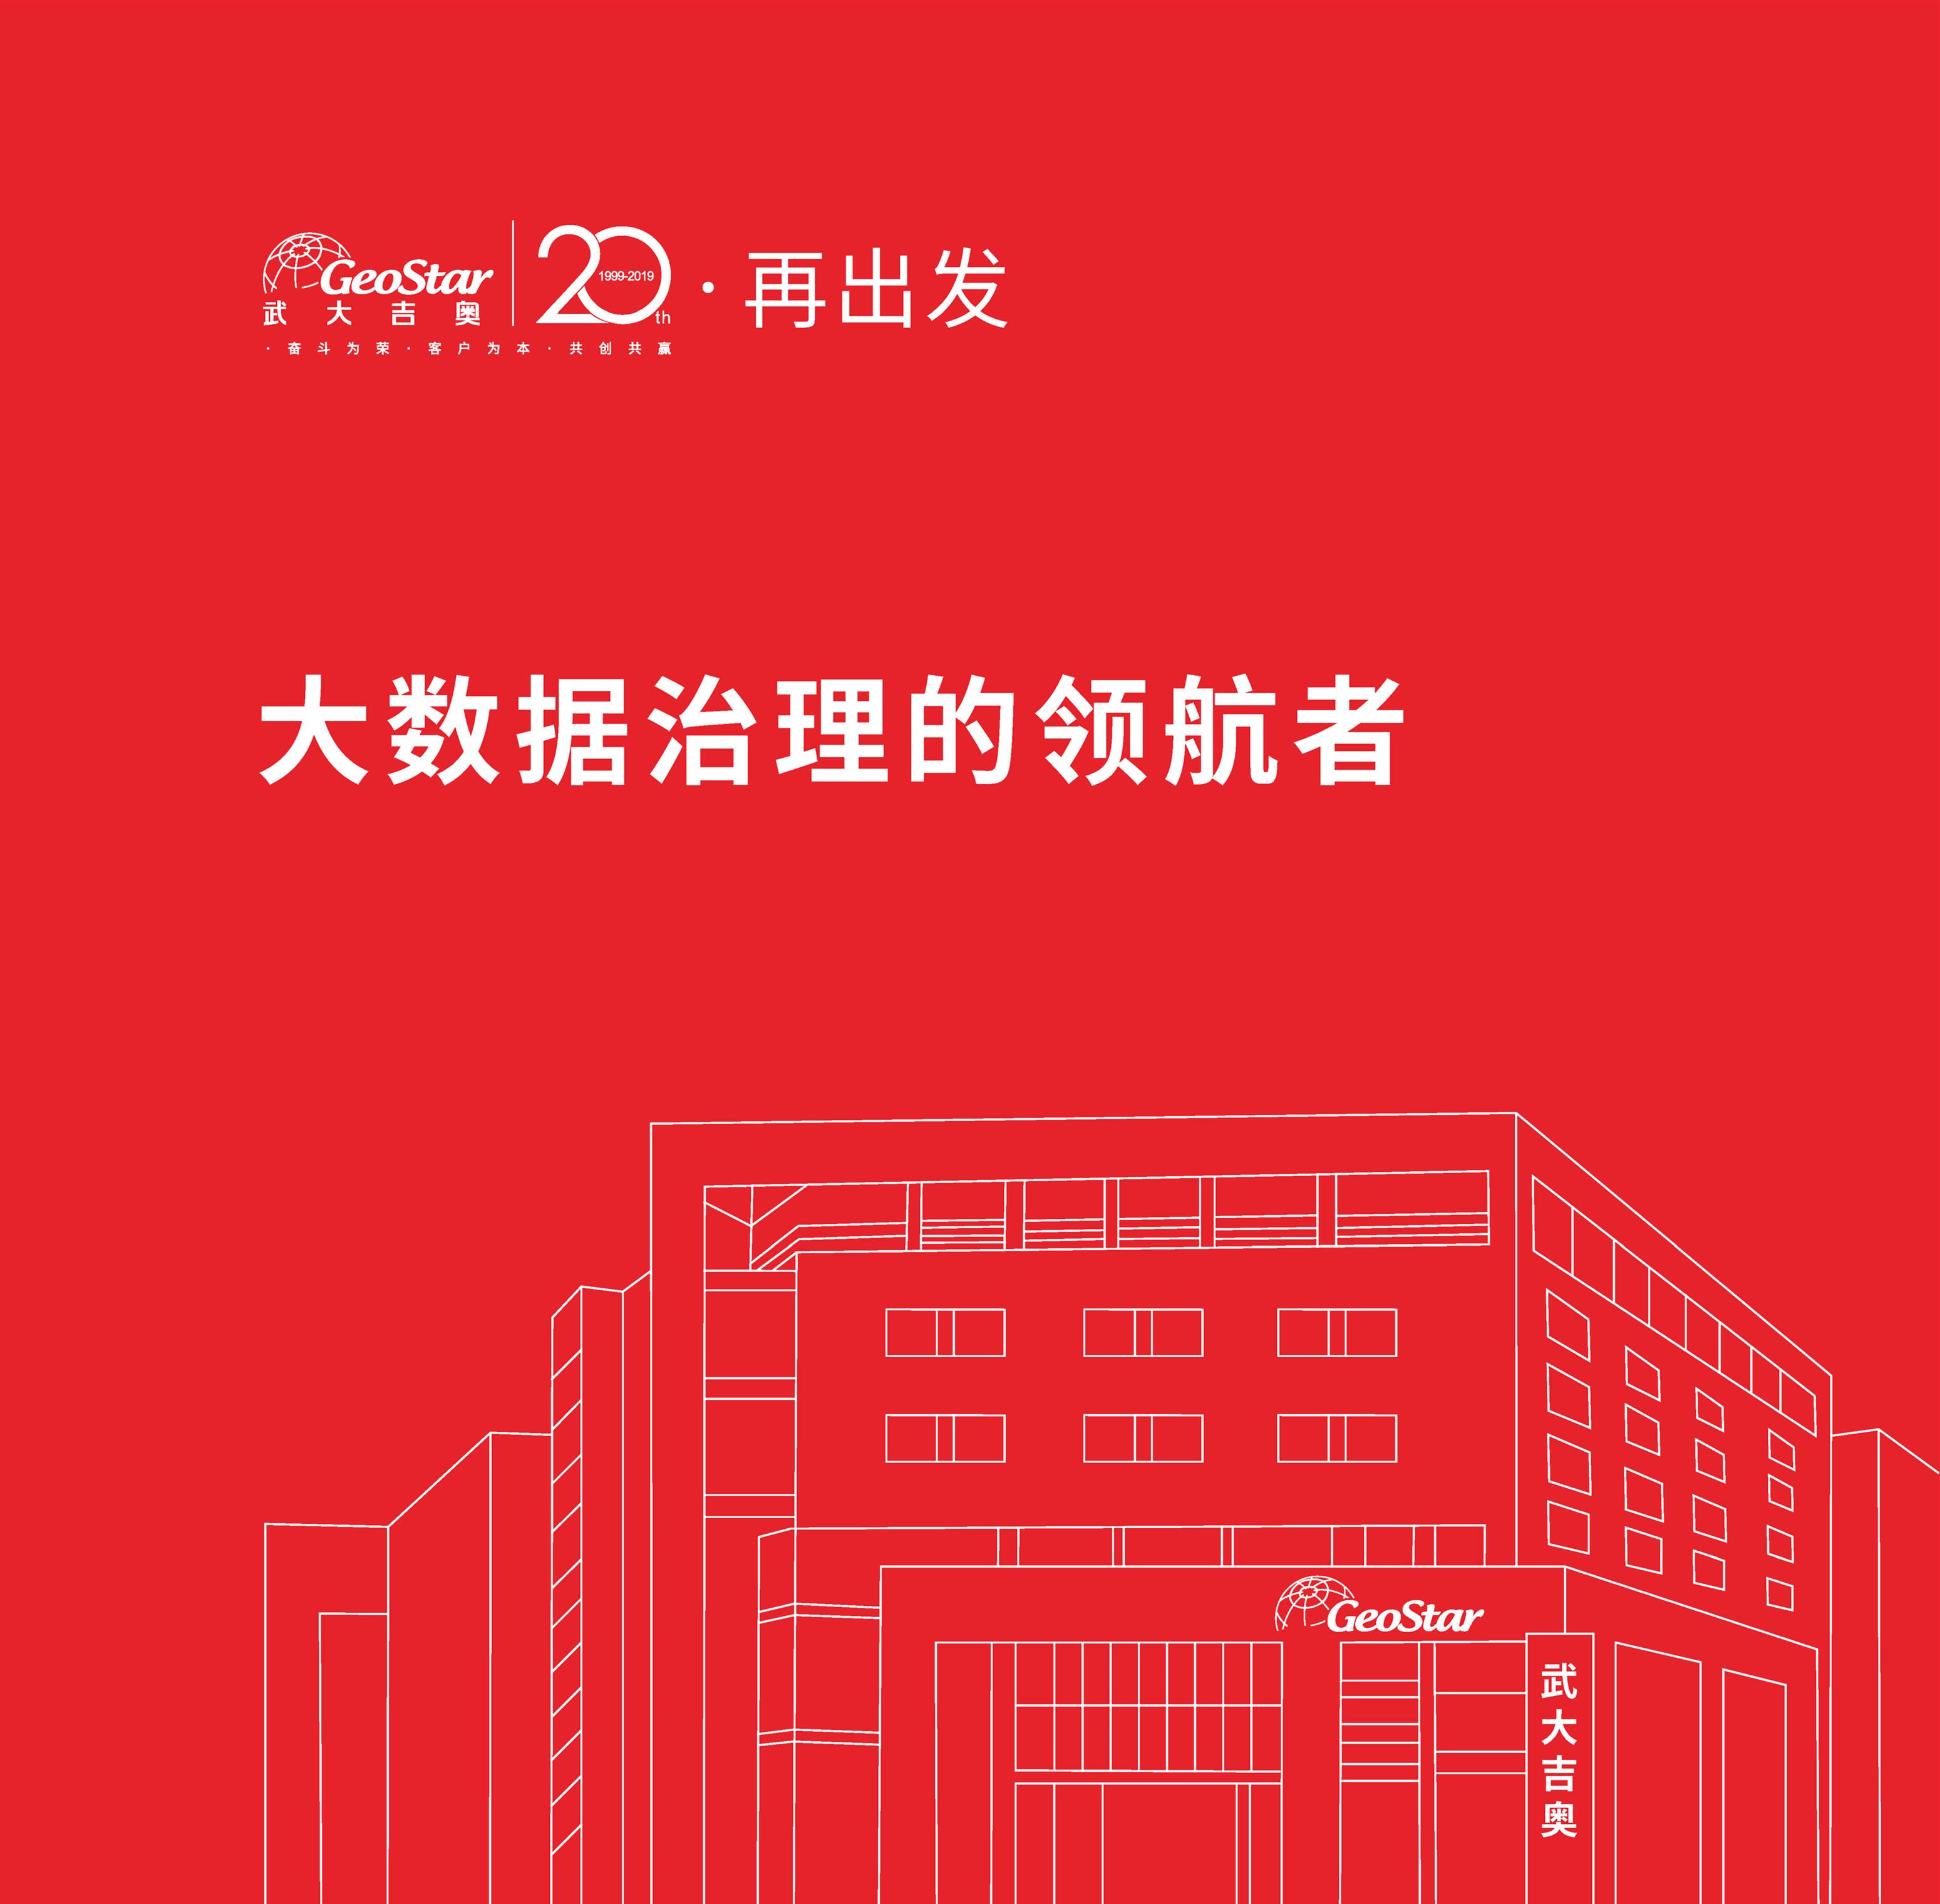 武大吉奥中文企业画册-定稿_页面_01_副本